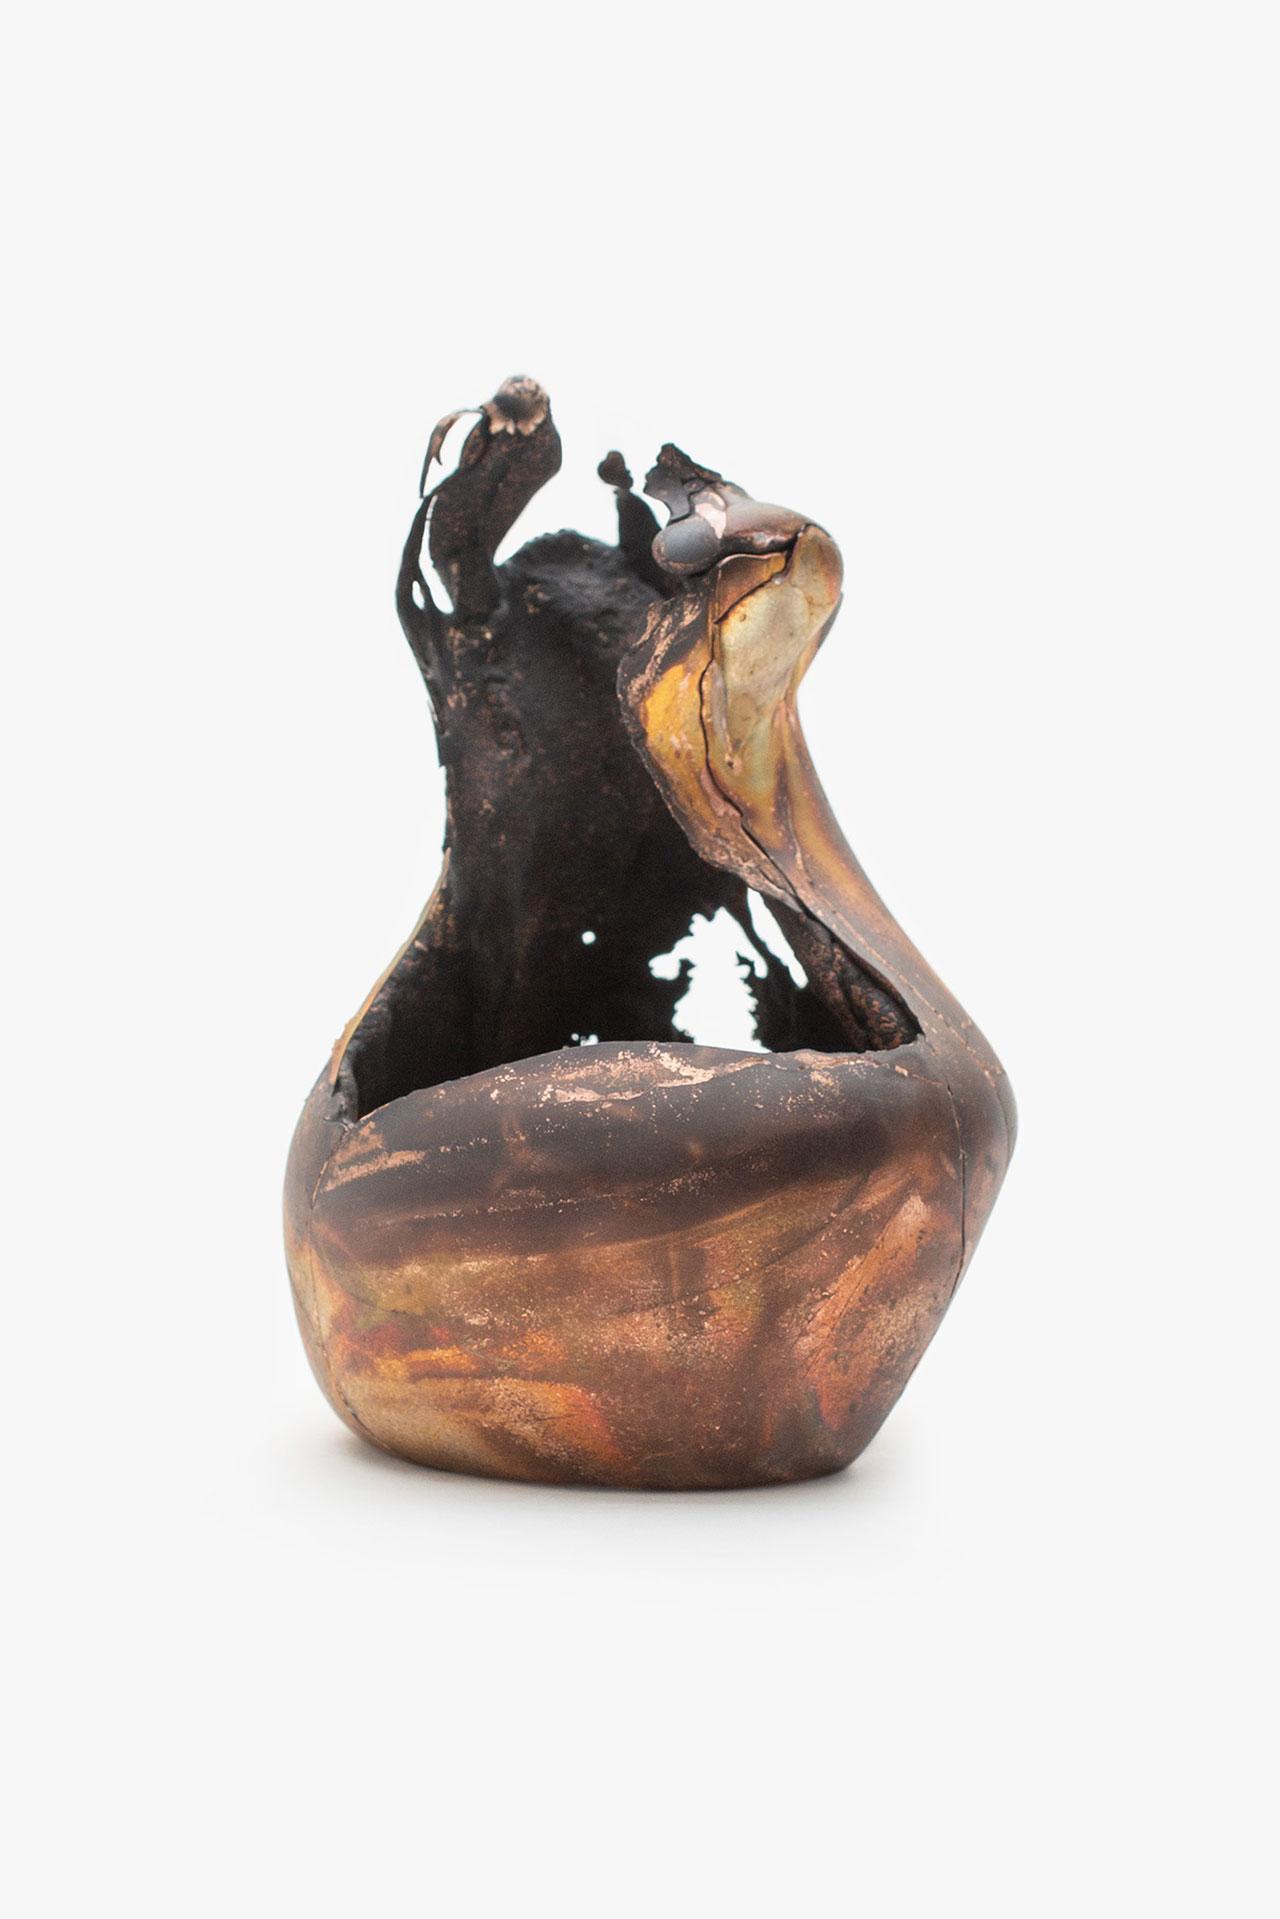 Omer Arbel, OAO113.2020.15, 2020. 15,4 x 11 x 10,5 cm. Copper alloy cast in glass. Courtesy Carwan gallery.